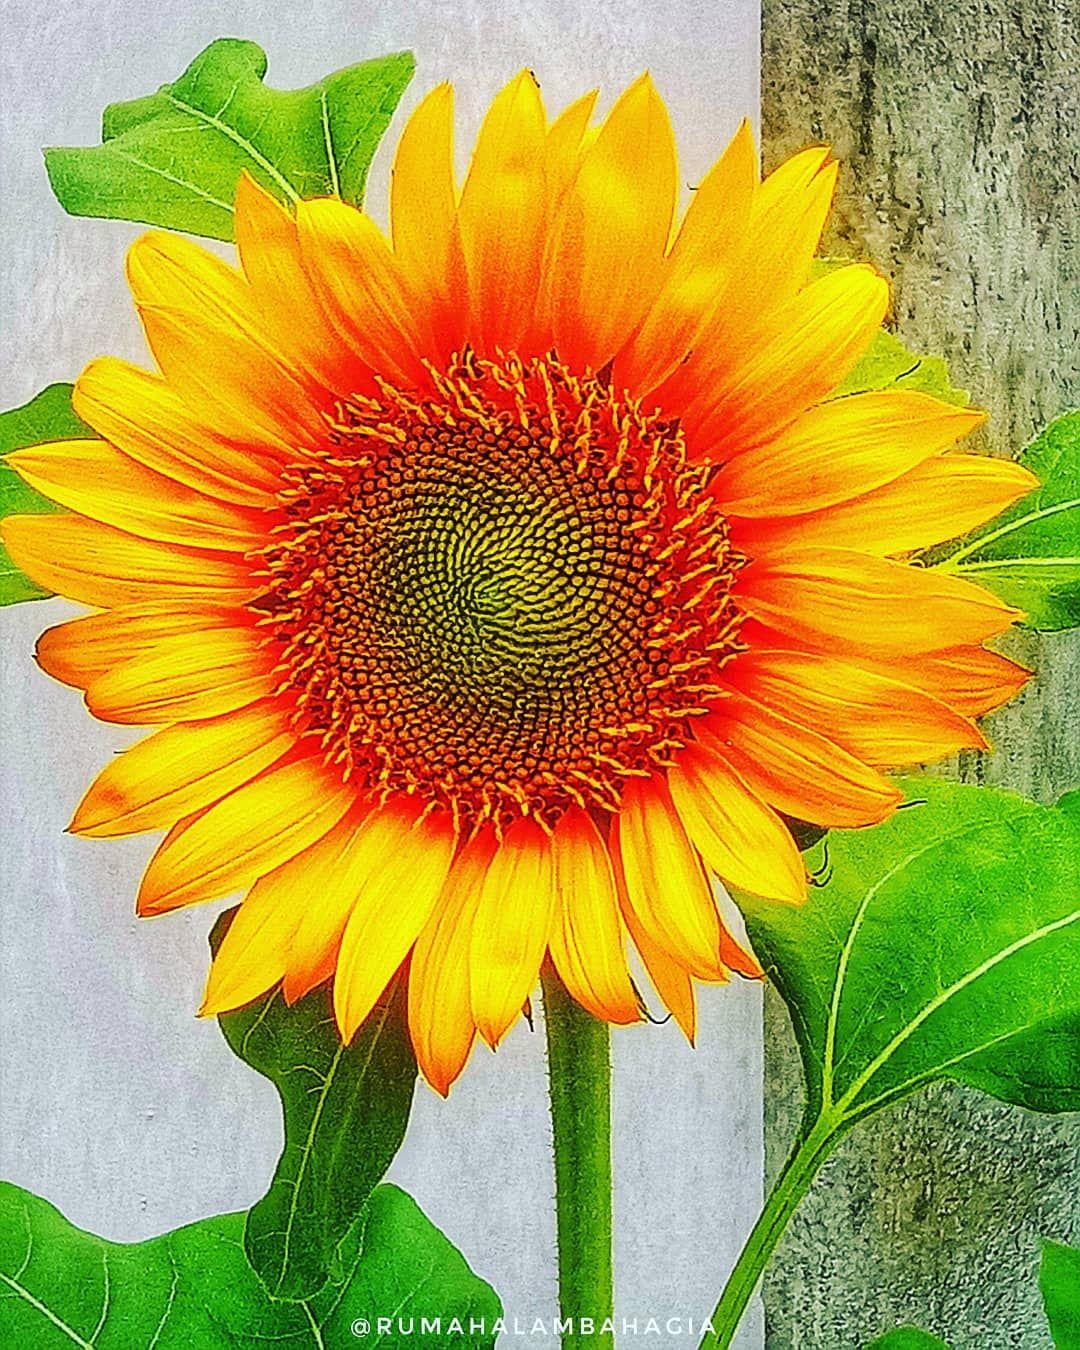 Siapa Pun Yang Sabar Dan Tekun Akan Mekar Seperti Bunga Akan Indah Seperti Purnama Dan Menakjubkan Seperti Kupu Kupu Indonesiaberkebun Berkebundiru Plants